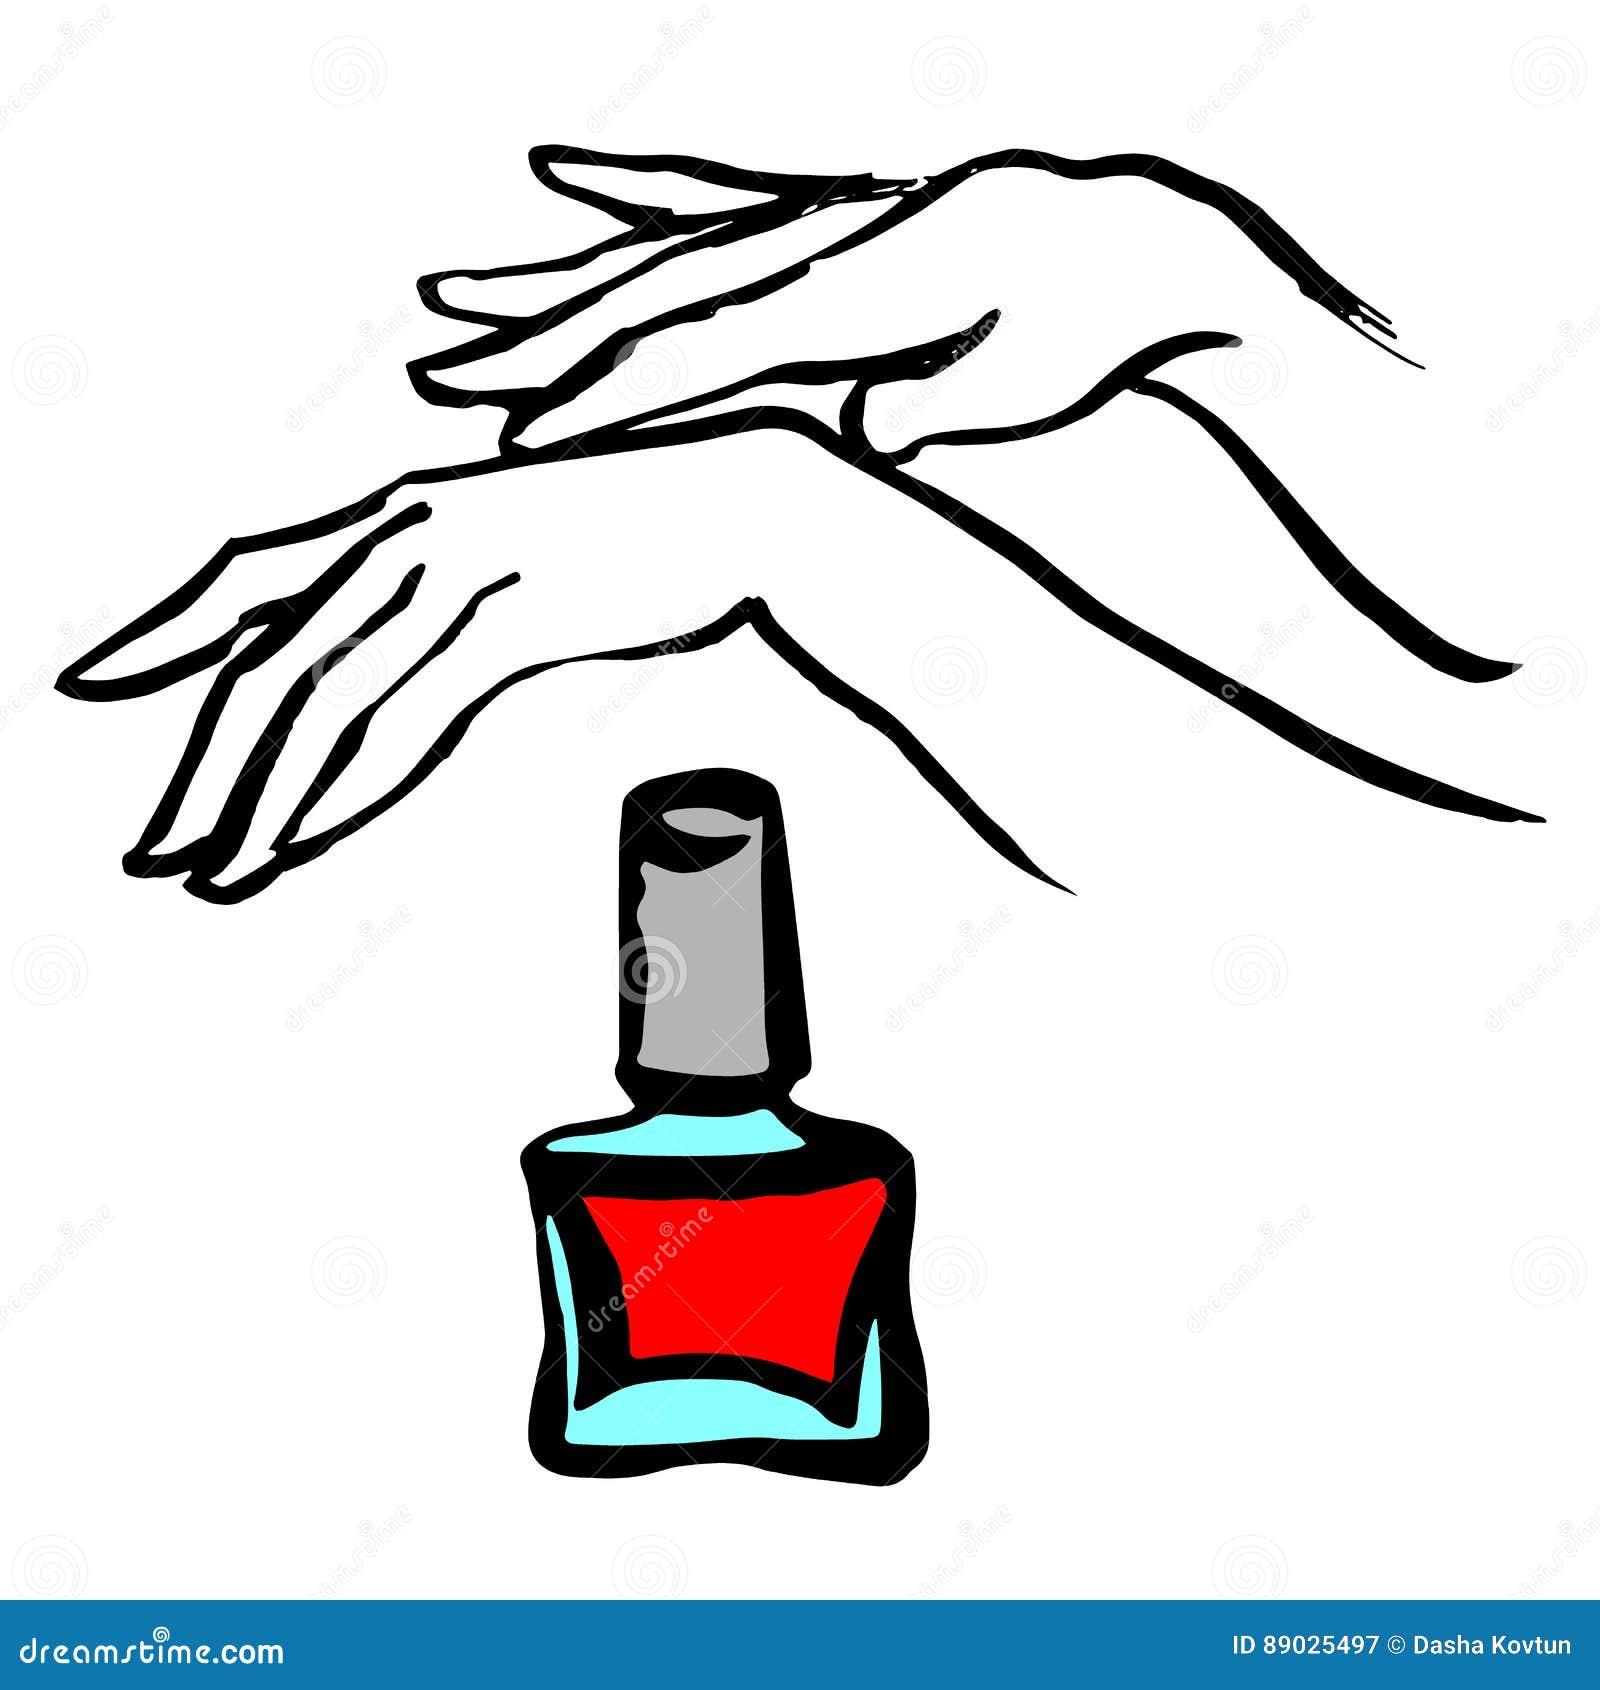 Θηλυκά νέα χέρια με ένα ρόδινο μπουκάλι στιλβωτικής ουσίας καρφιών διάνυσμα